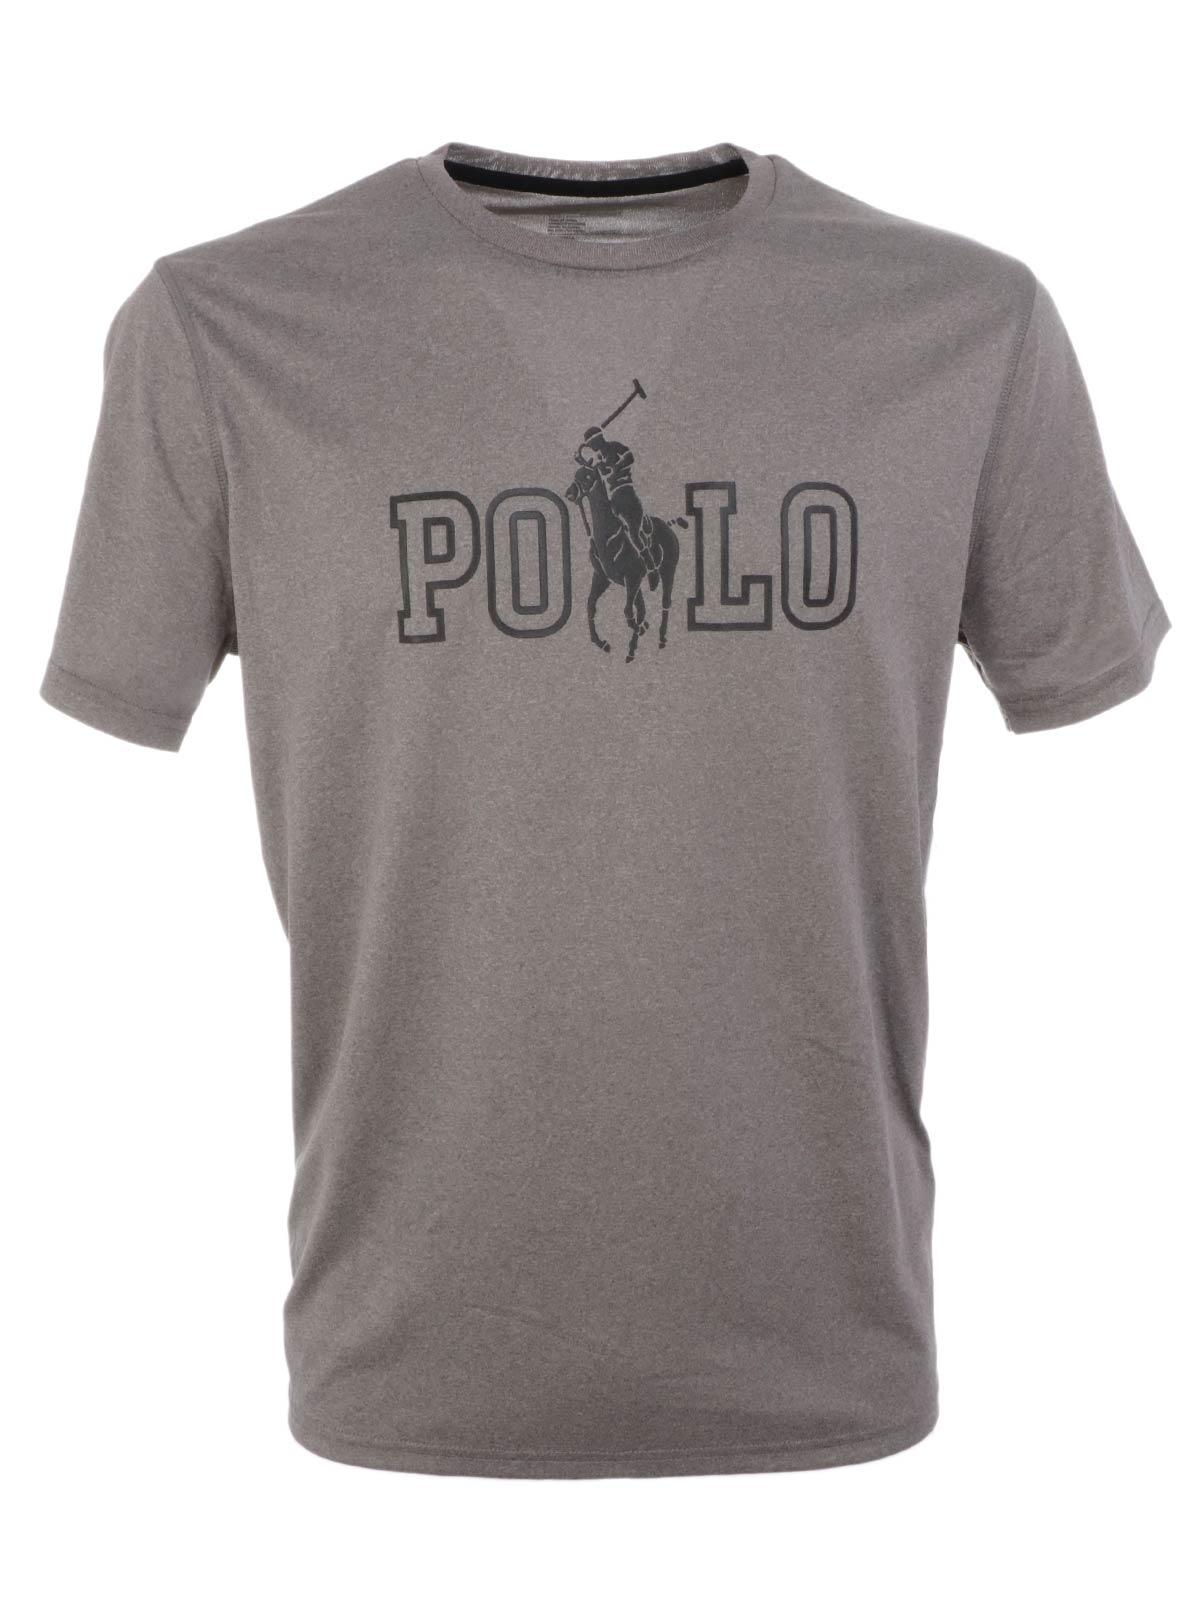 179a2be7ee8 POLO RALPH LAUREN Men s Polyester T-shirt Dark Grey